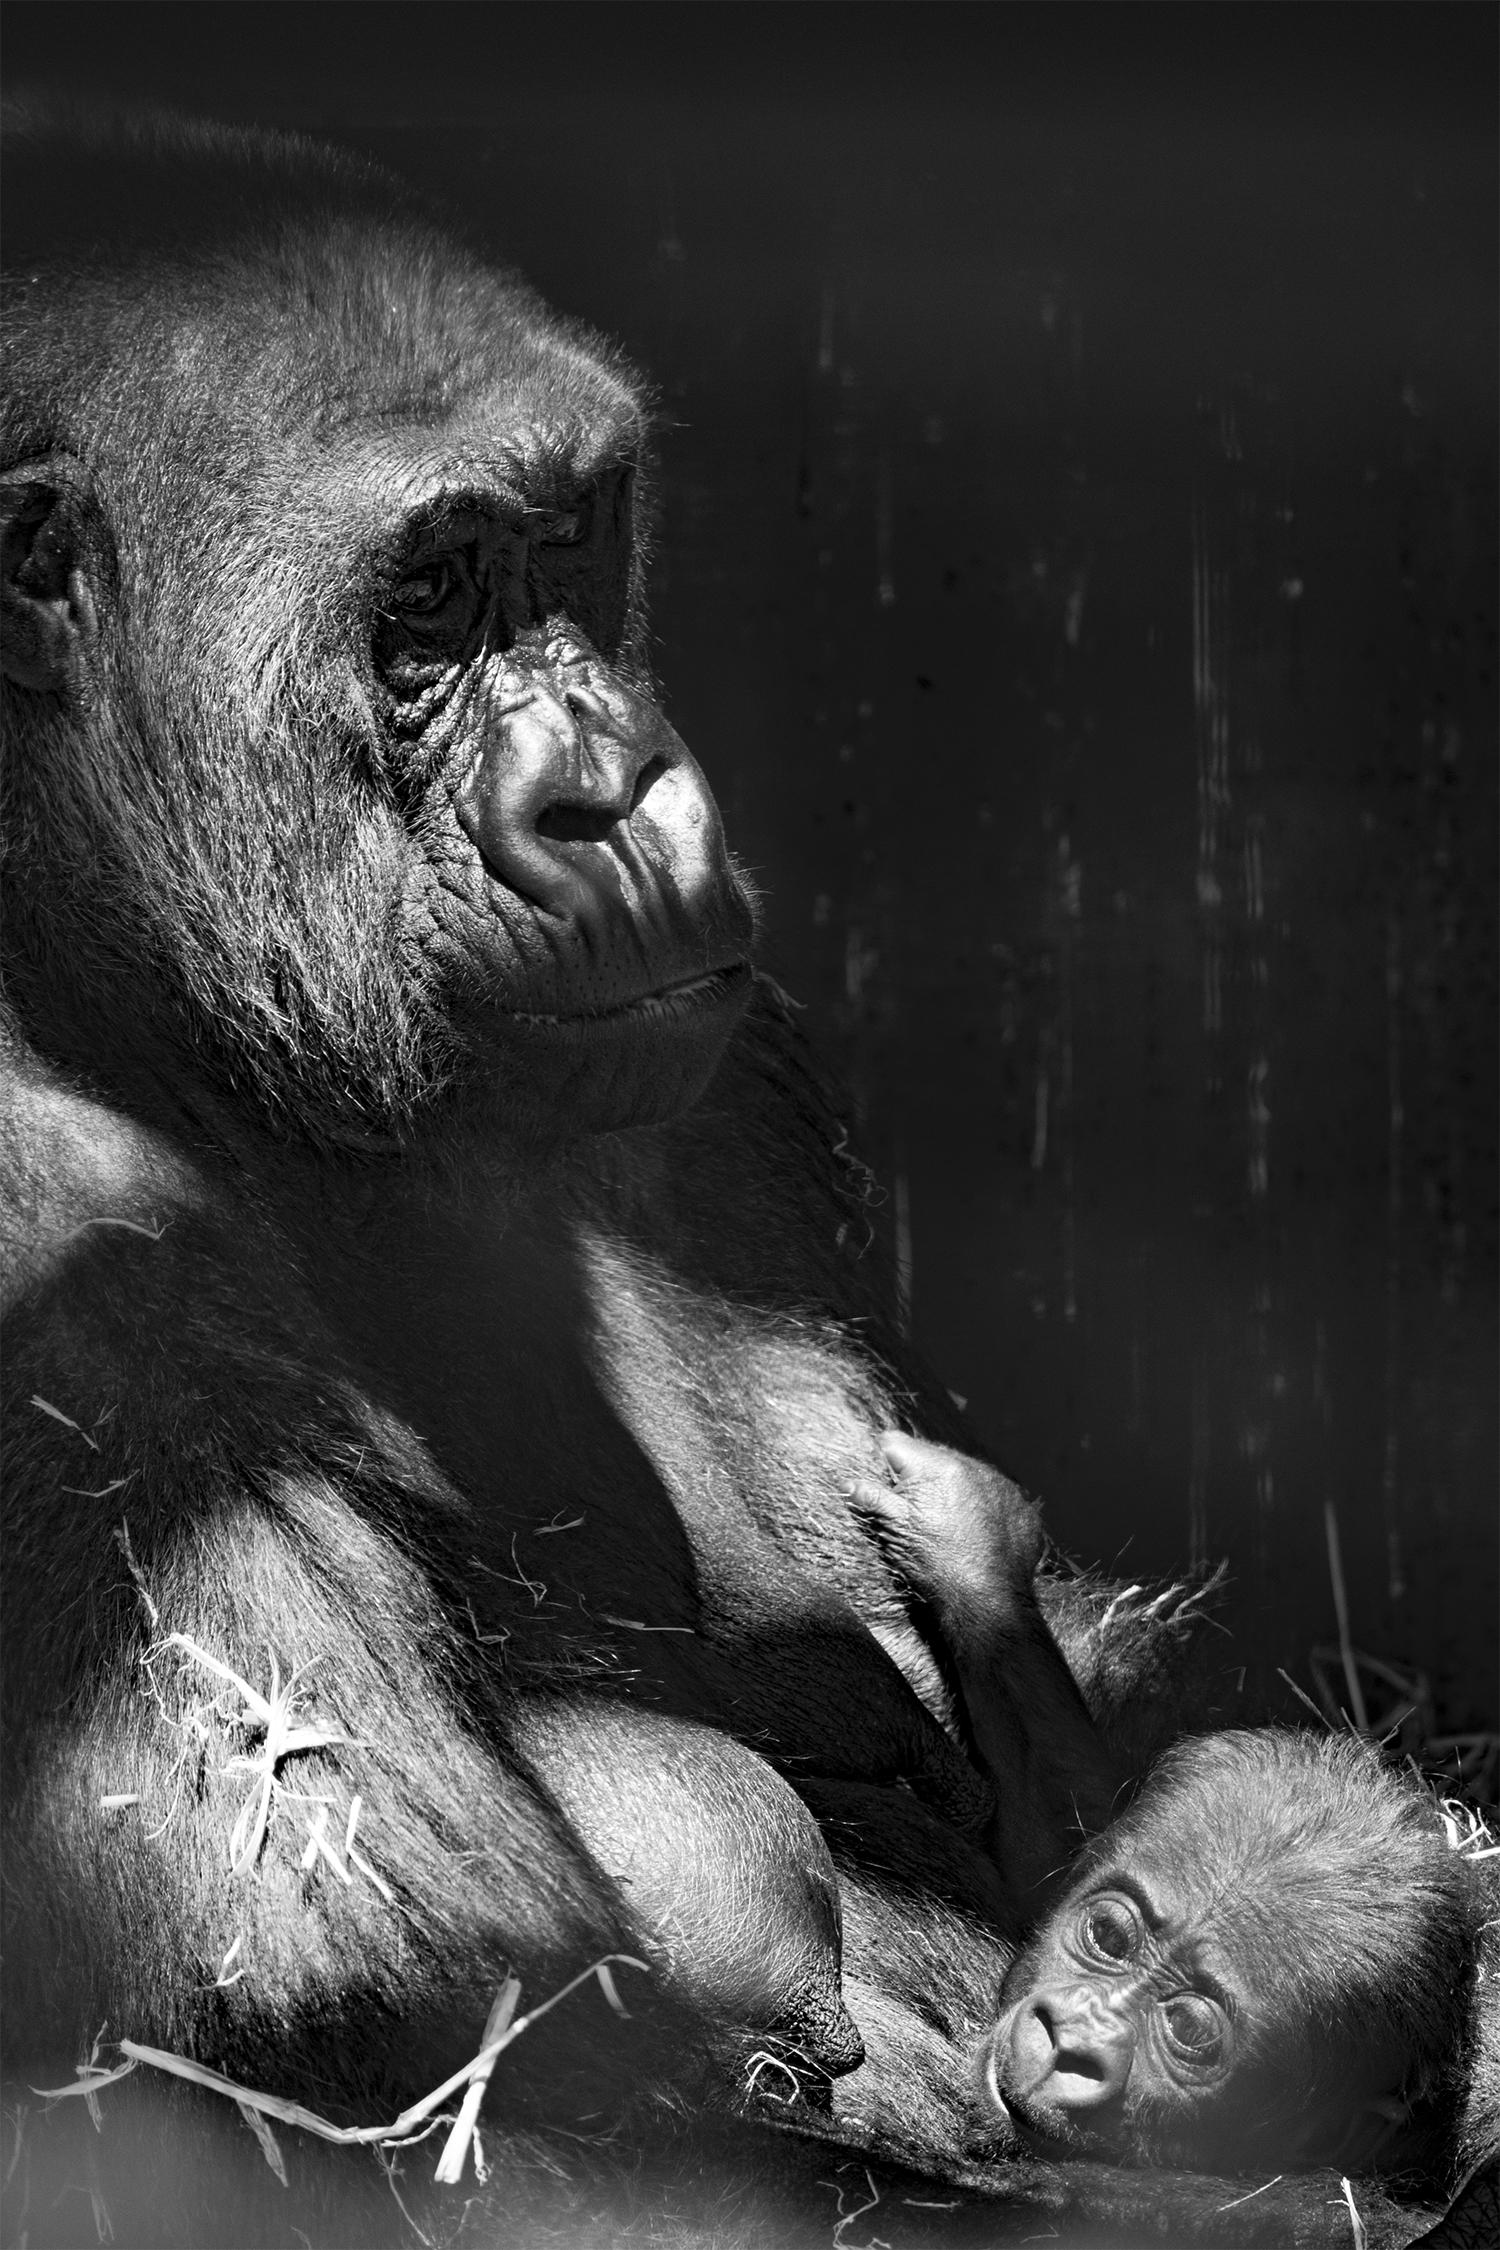 poppy_rampling_Gorilla 1_small.jpg